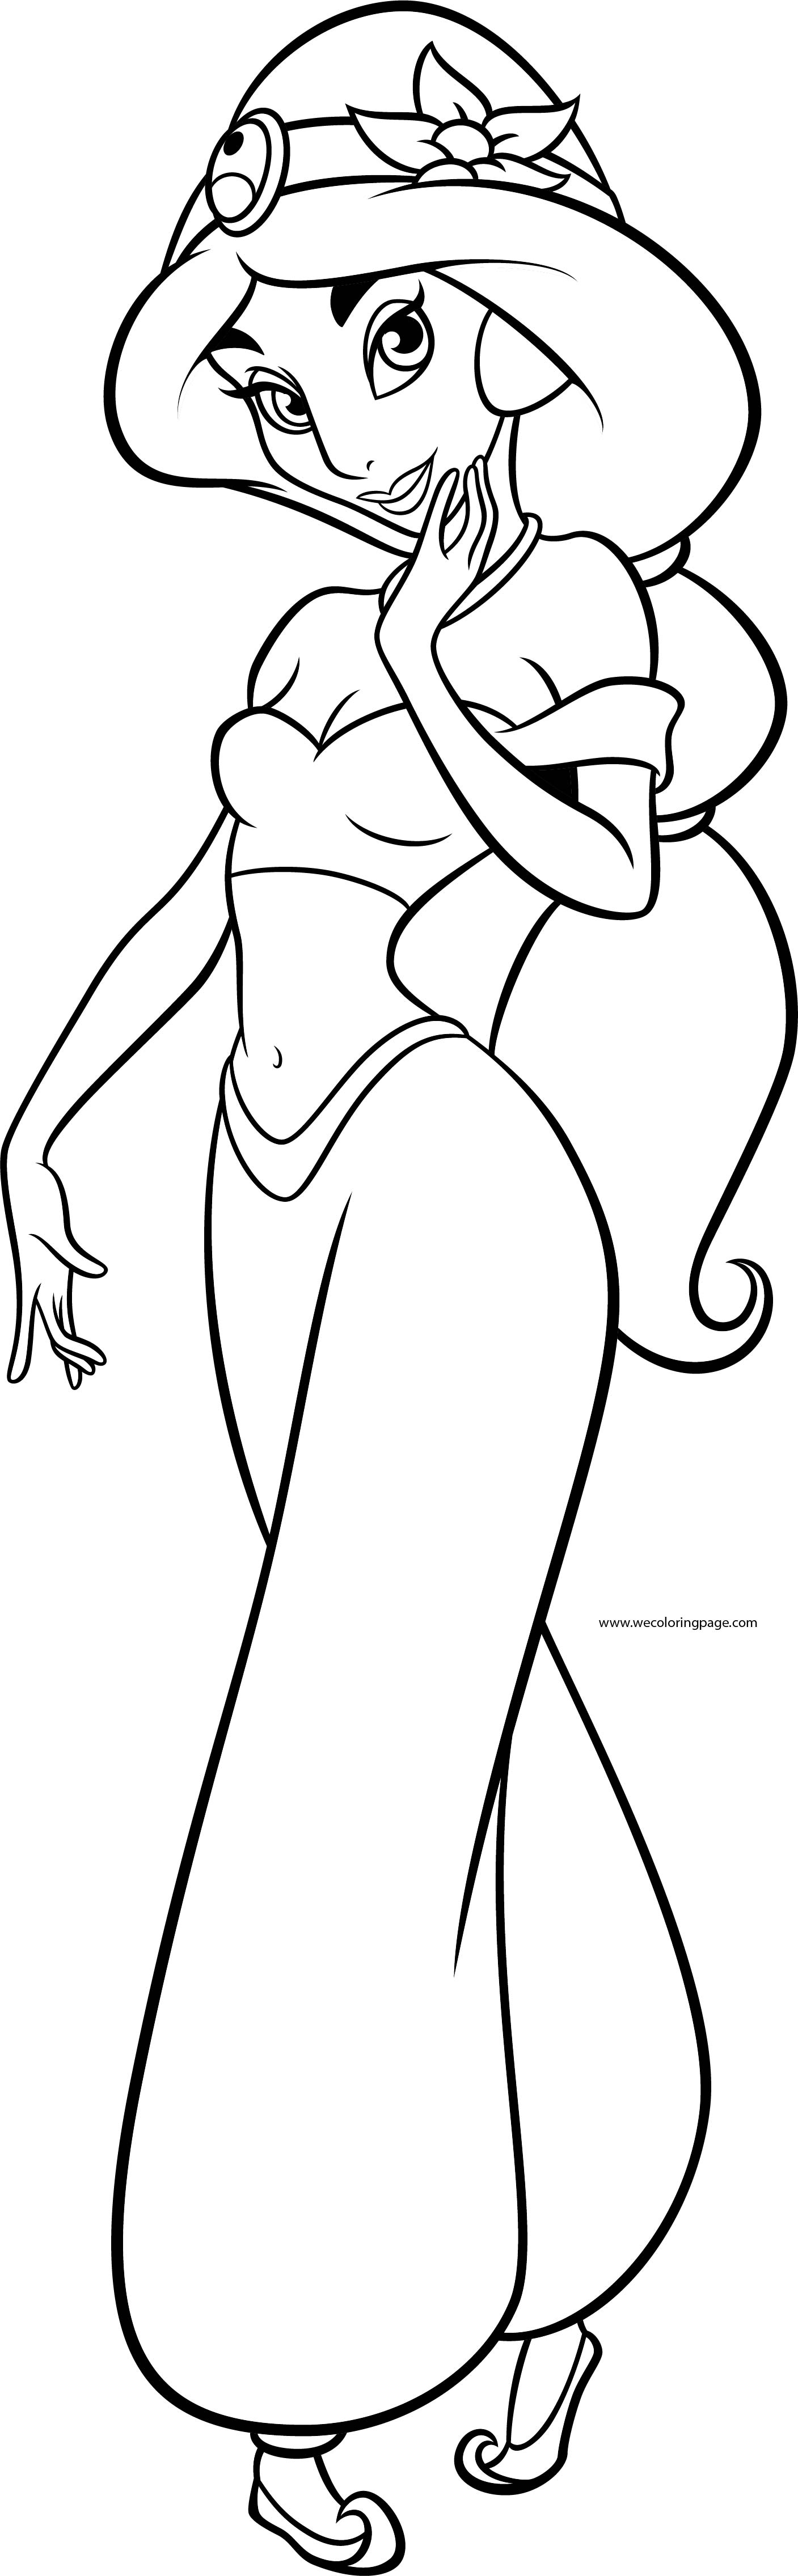 Jasmine Girl Princess Disney Coloring Page